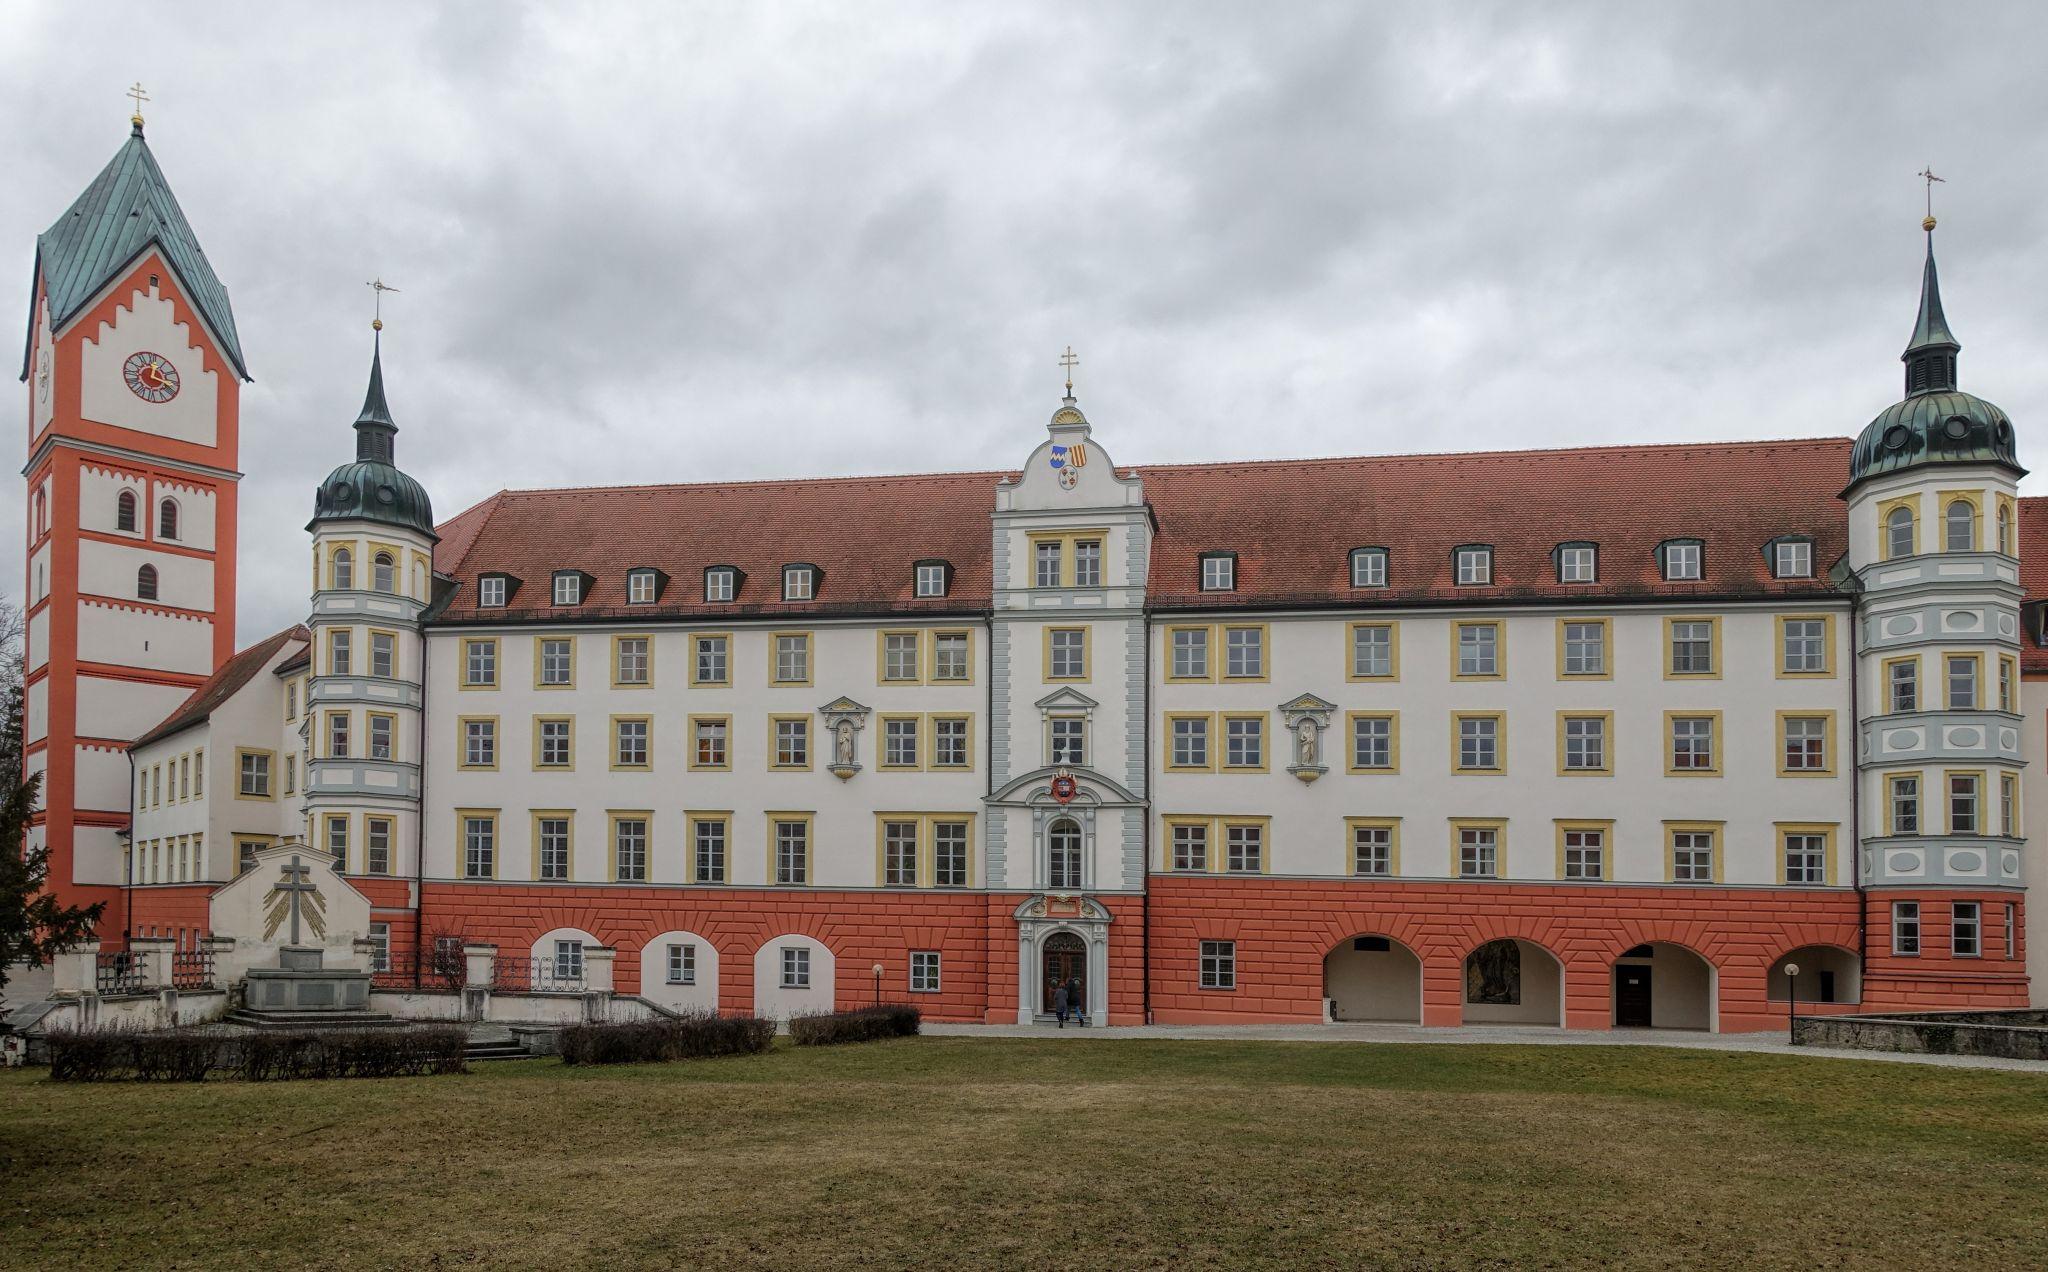 Scheyern Abbey, Bavaria, Germany